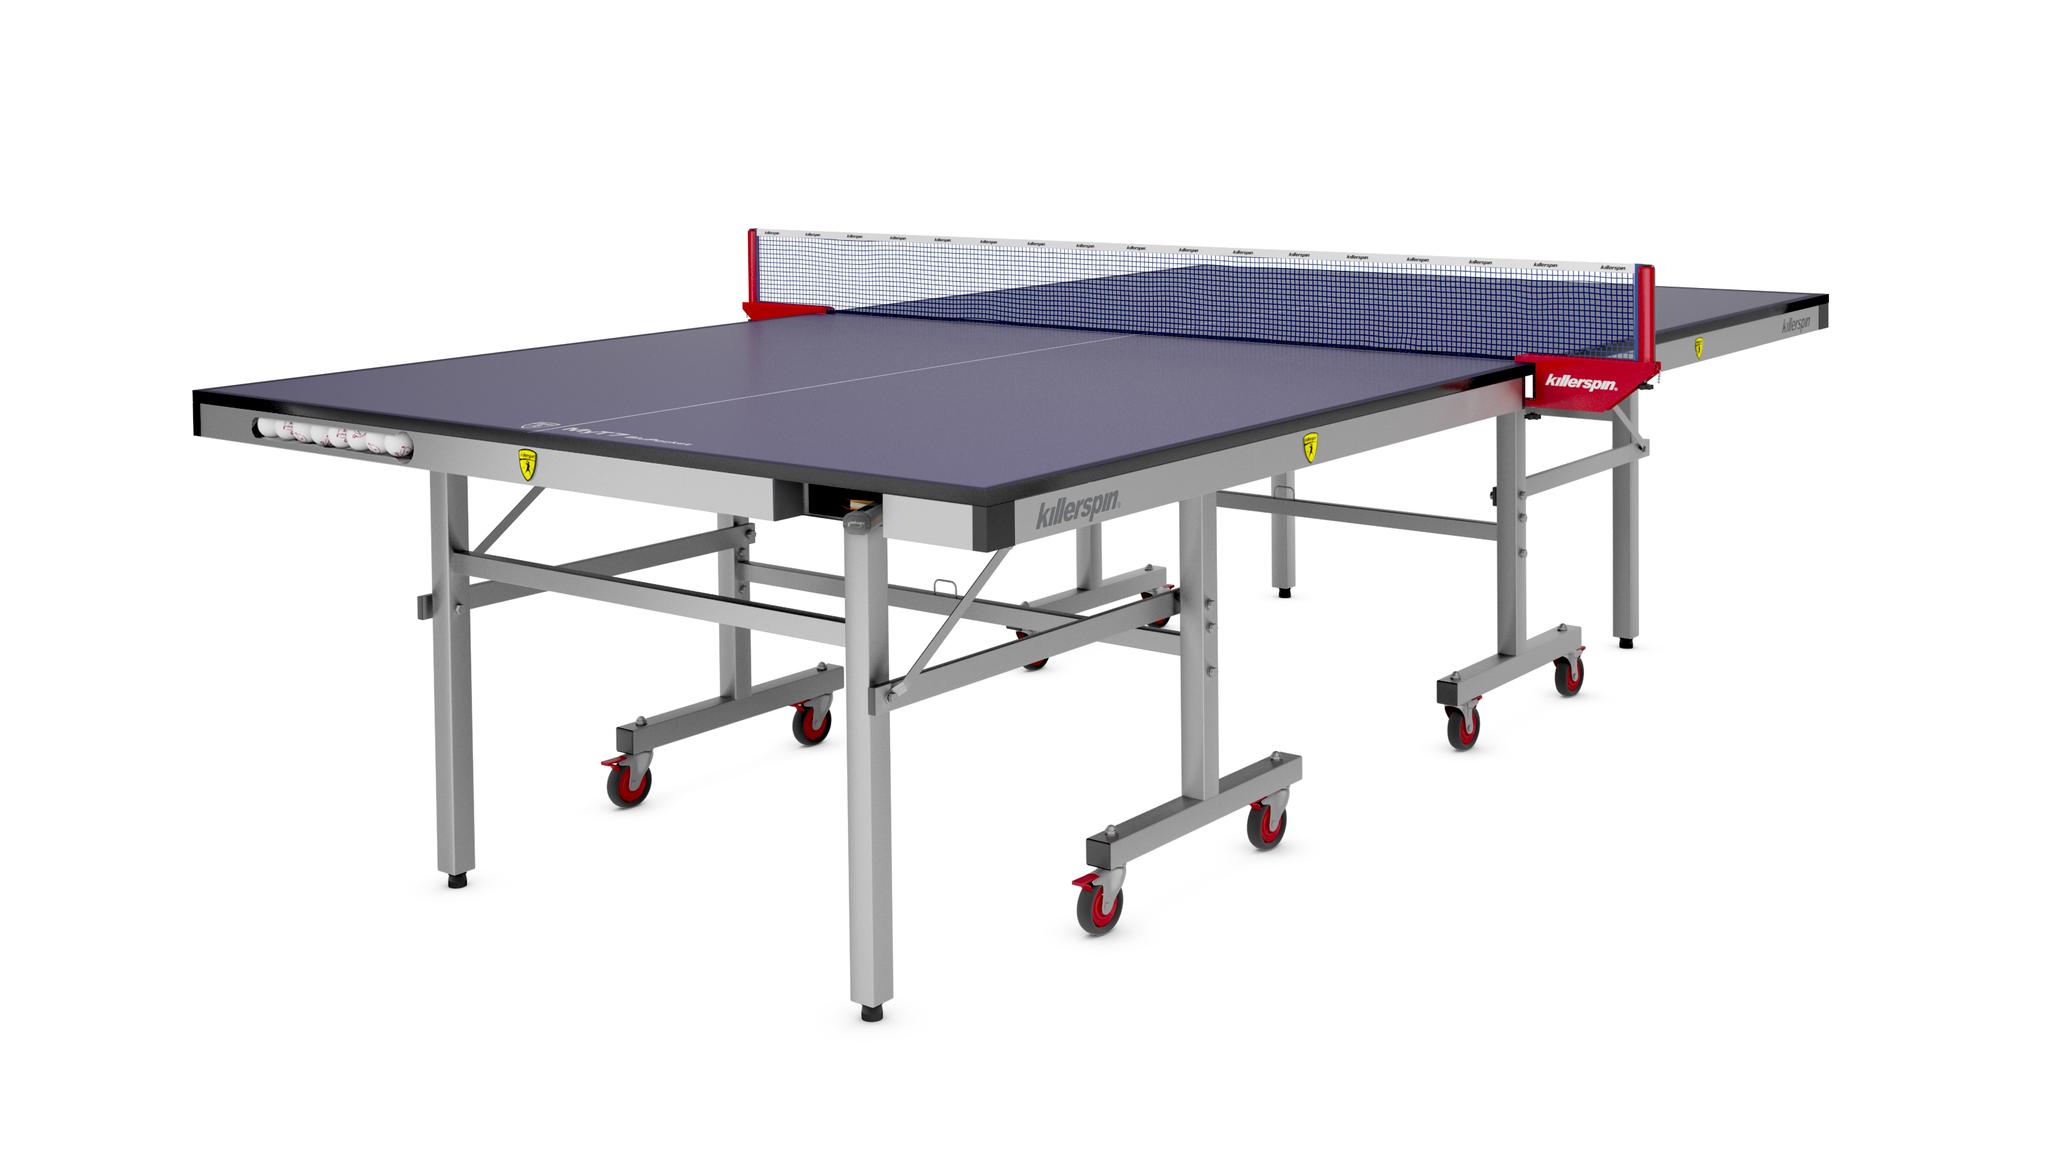 Killerspin Myt7 Blupocket Ping Pong Table